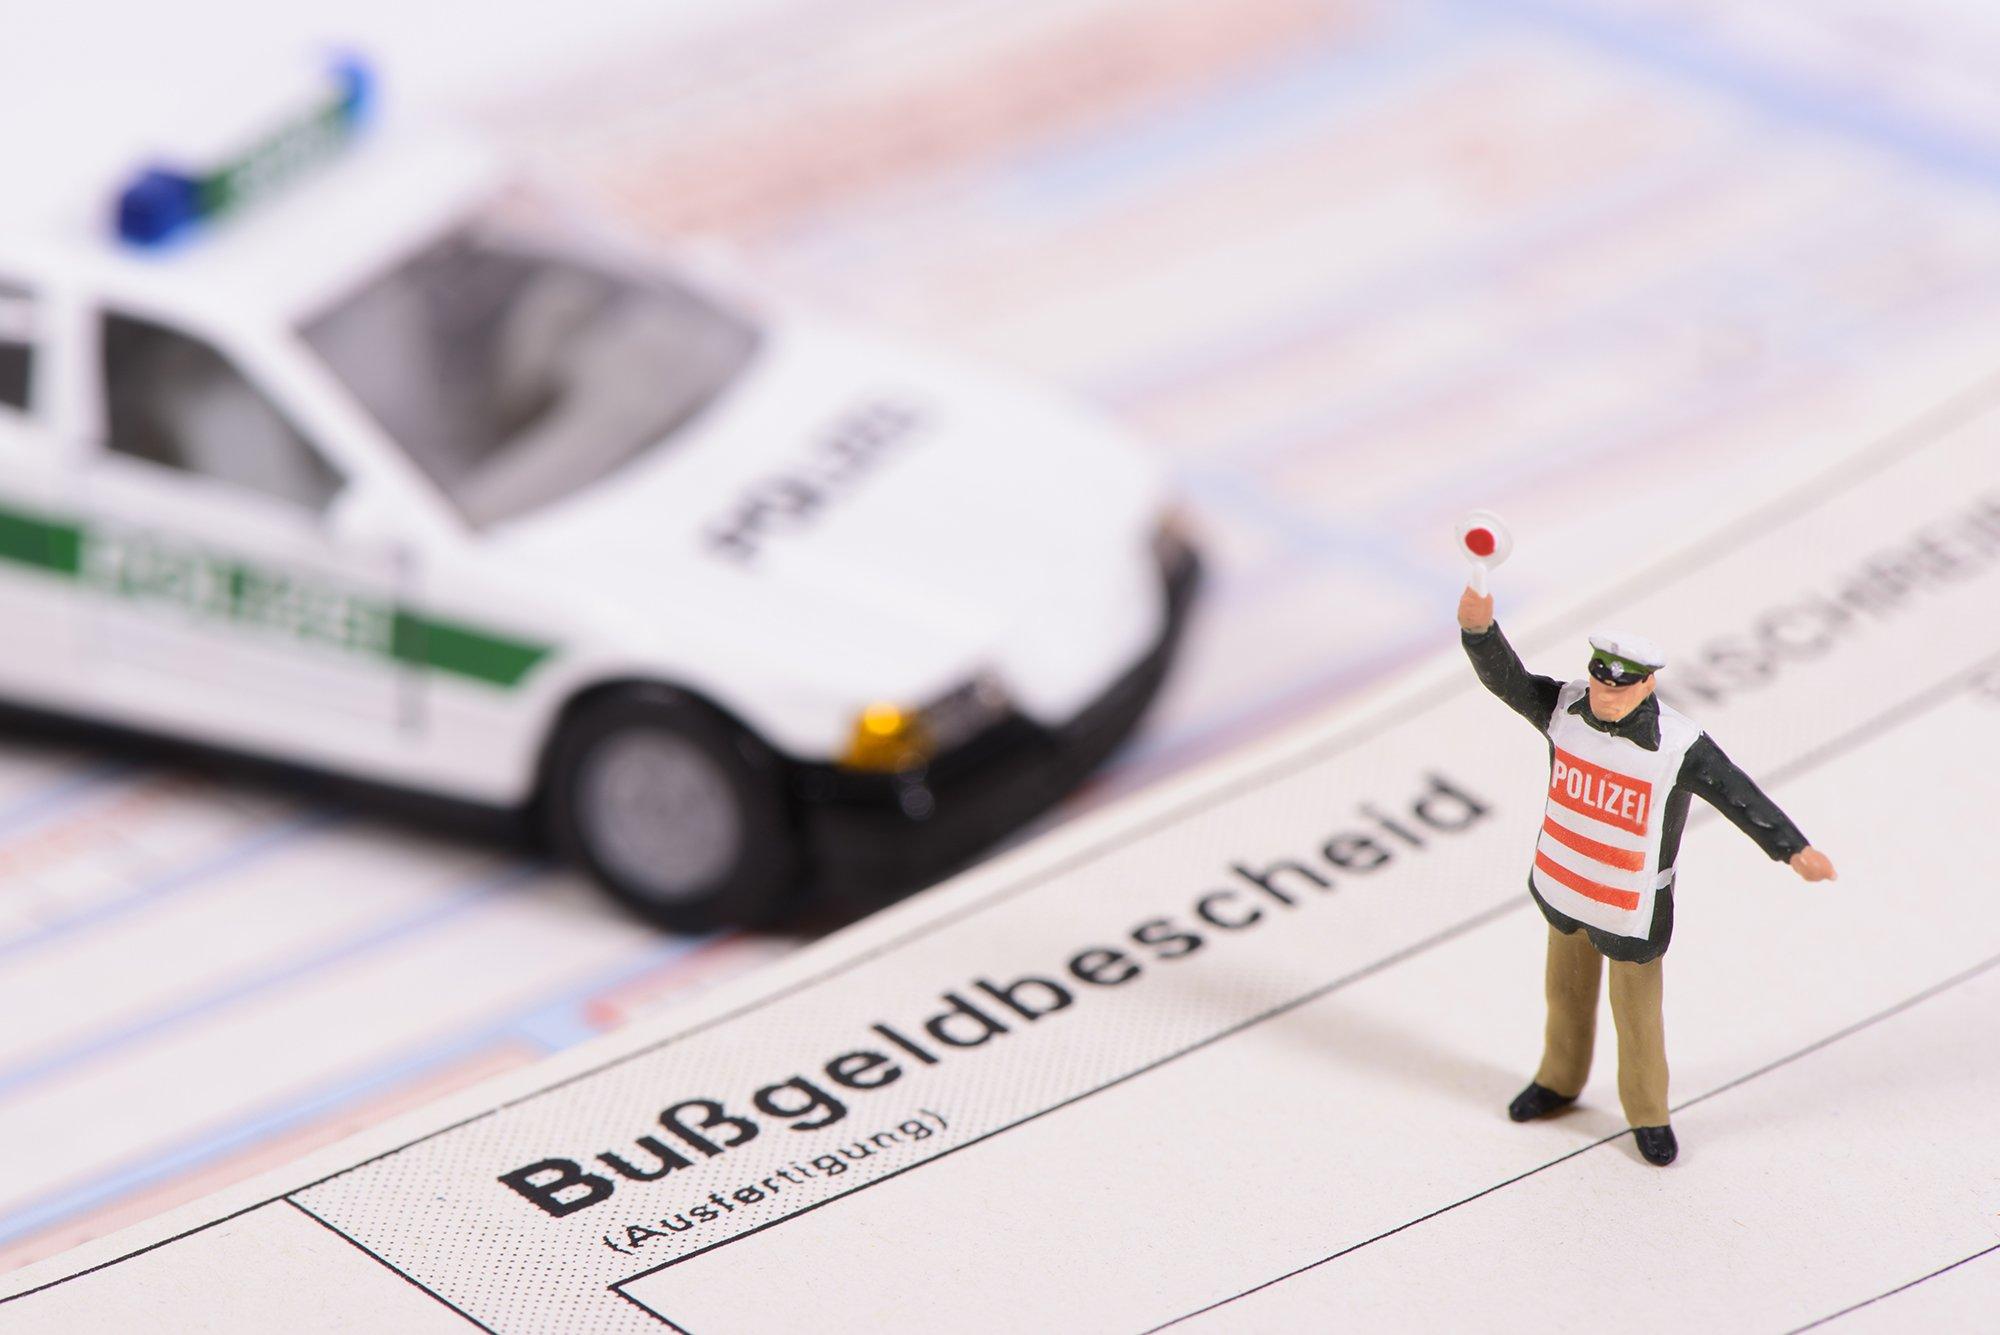 Verbildlichung der Strafverfolgung mit Folge einer Fahrtenbuchauflage